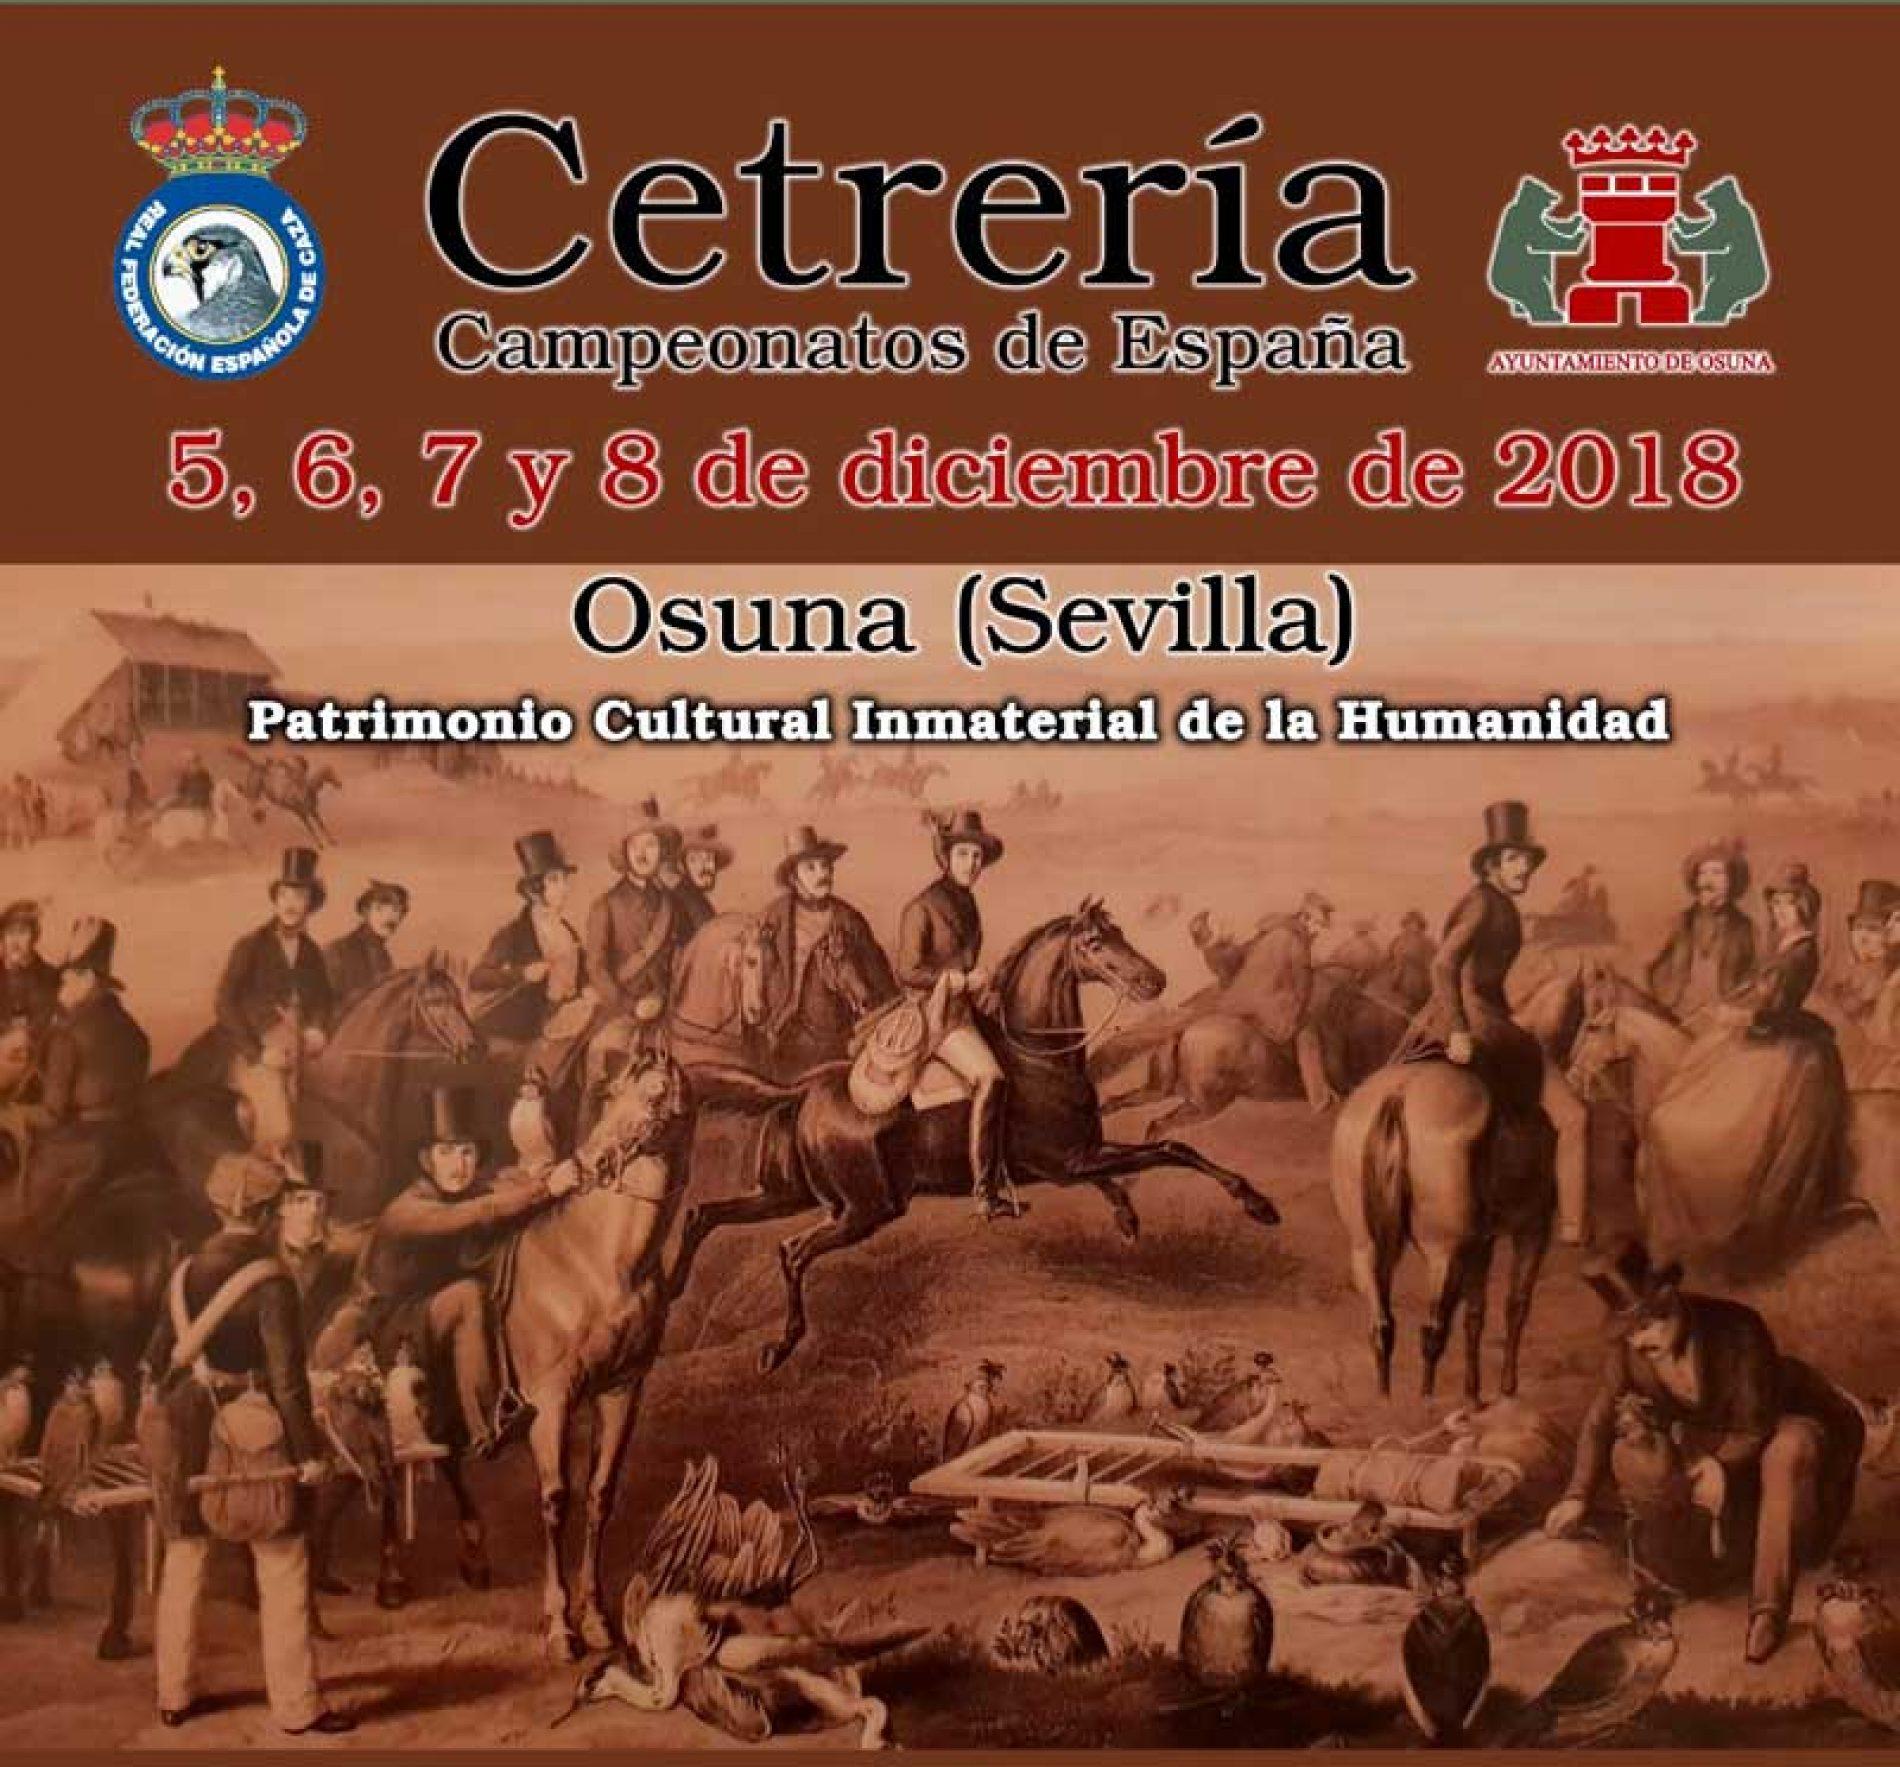 Campeonatos de España de Cetrería del 5 al 8 de diciembre en Osuna